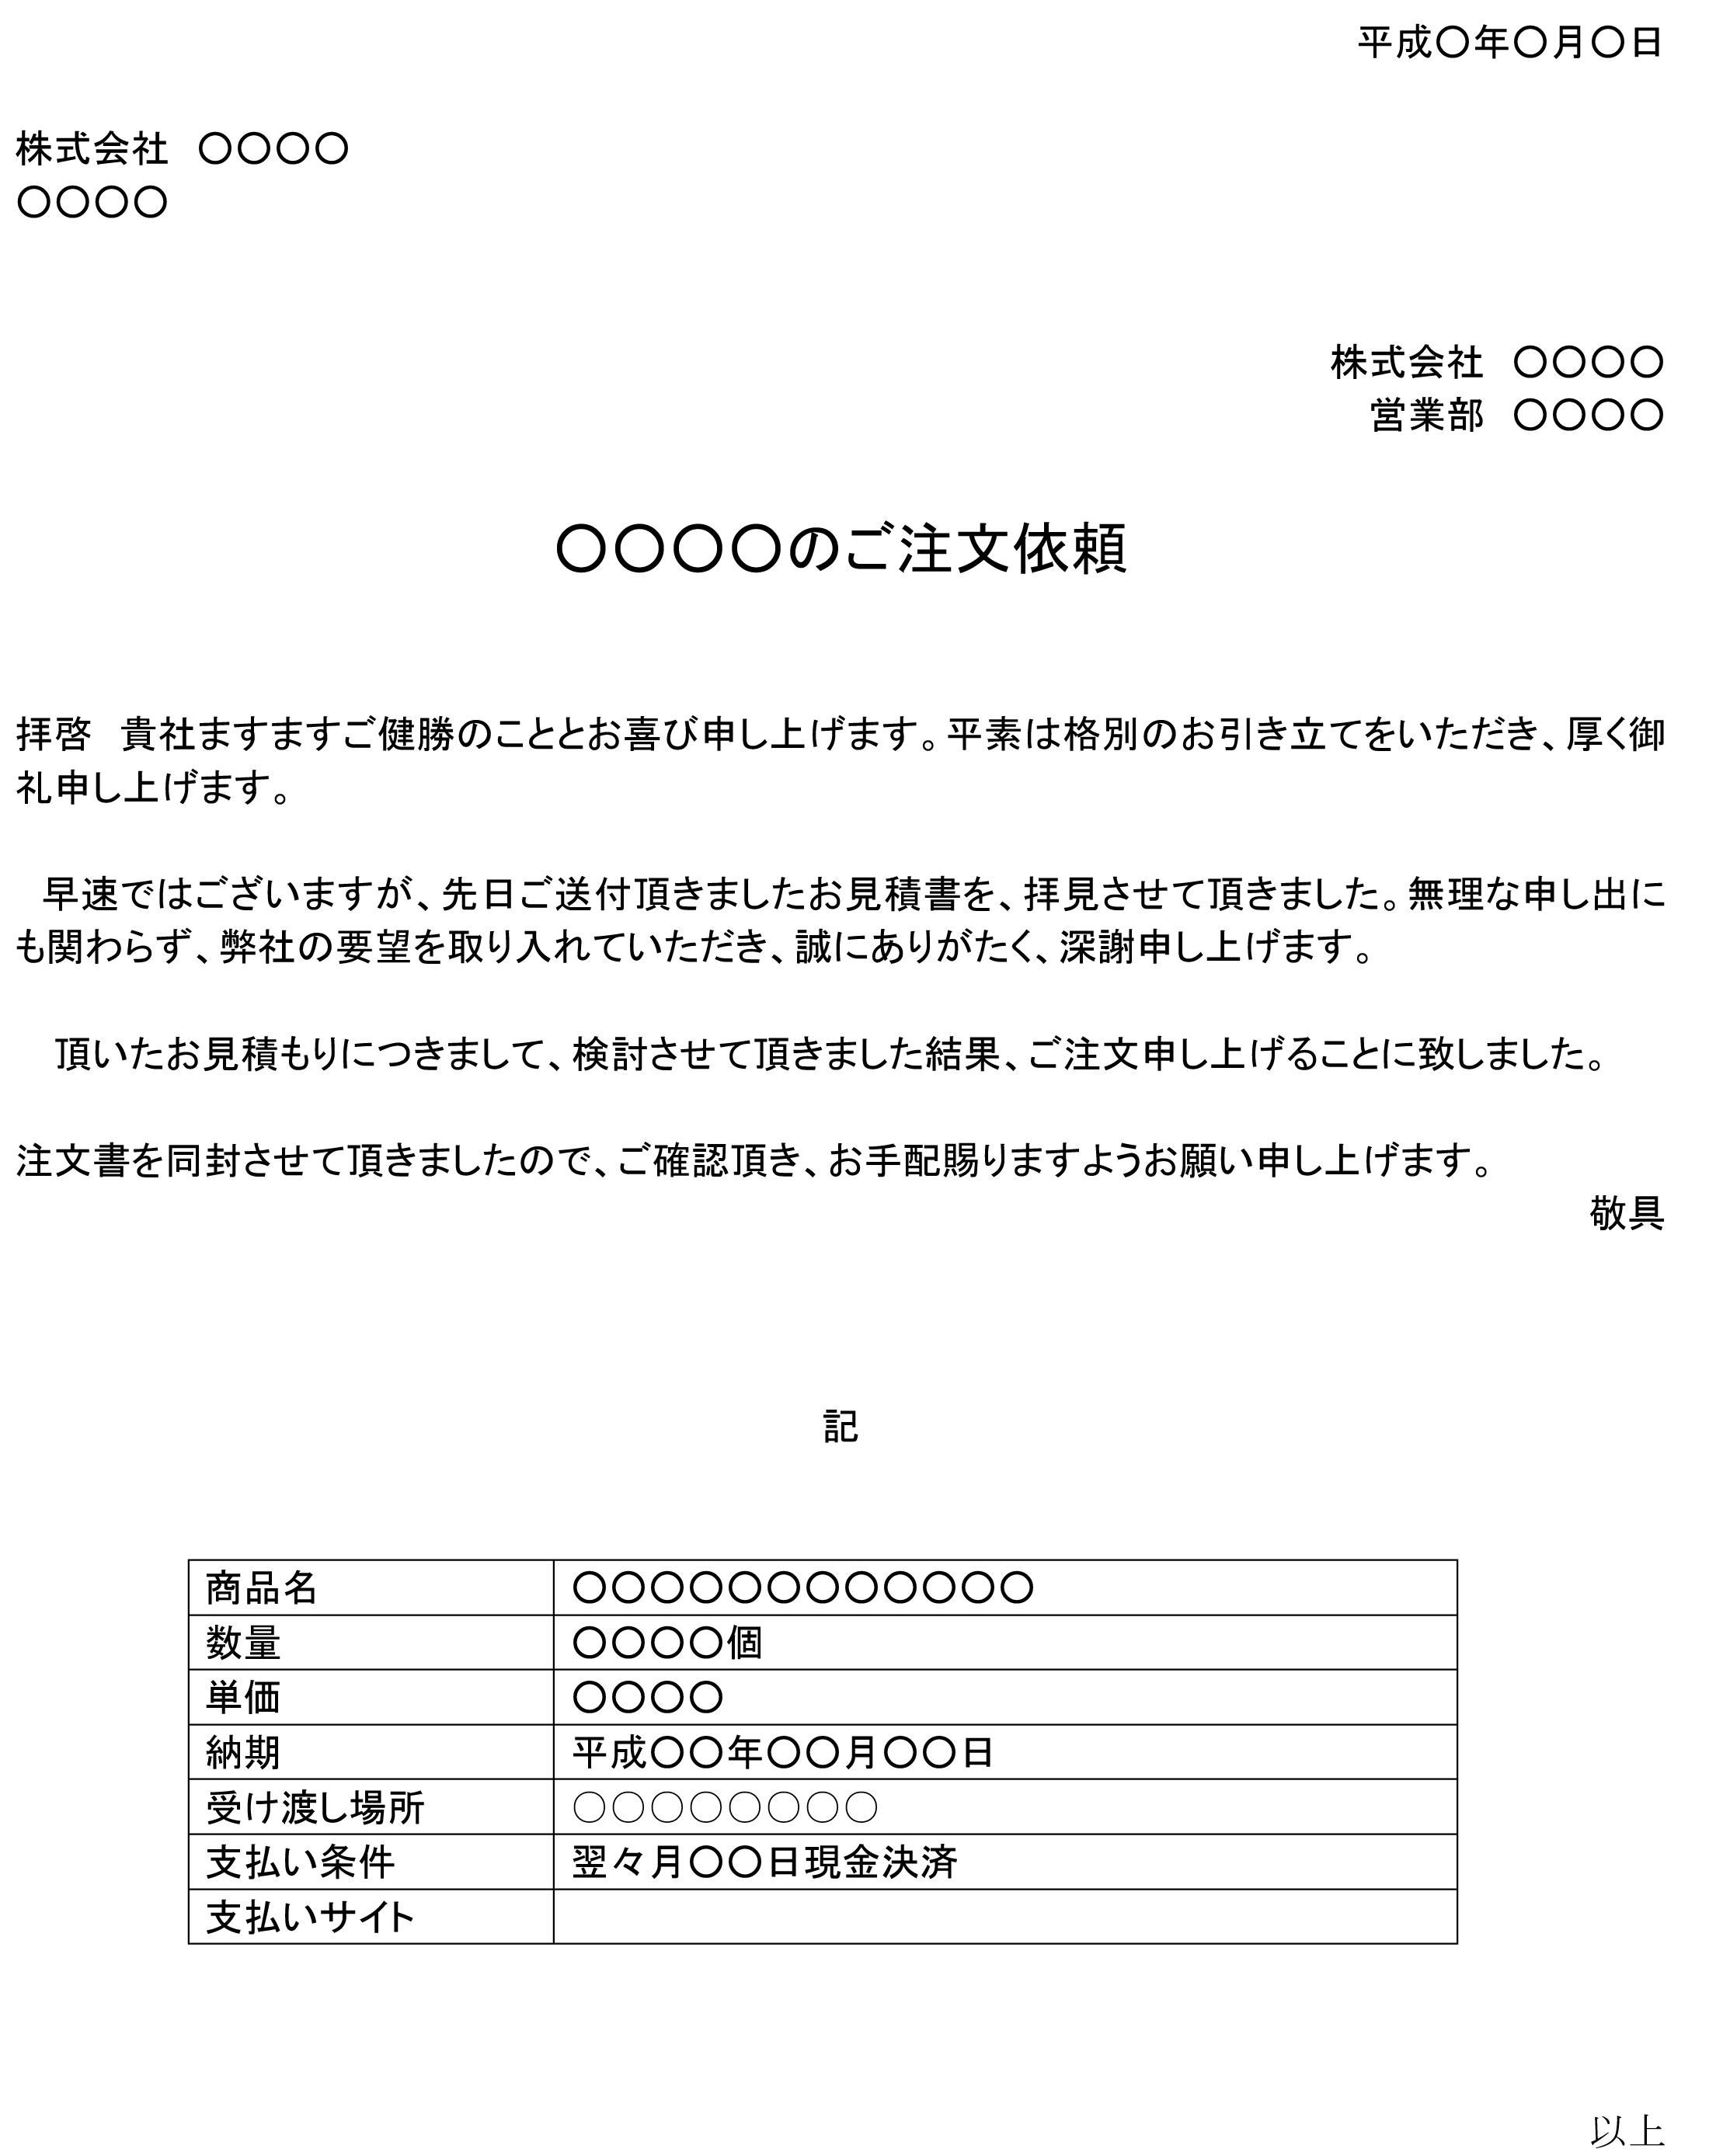 依頼状(注文)02